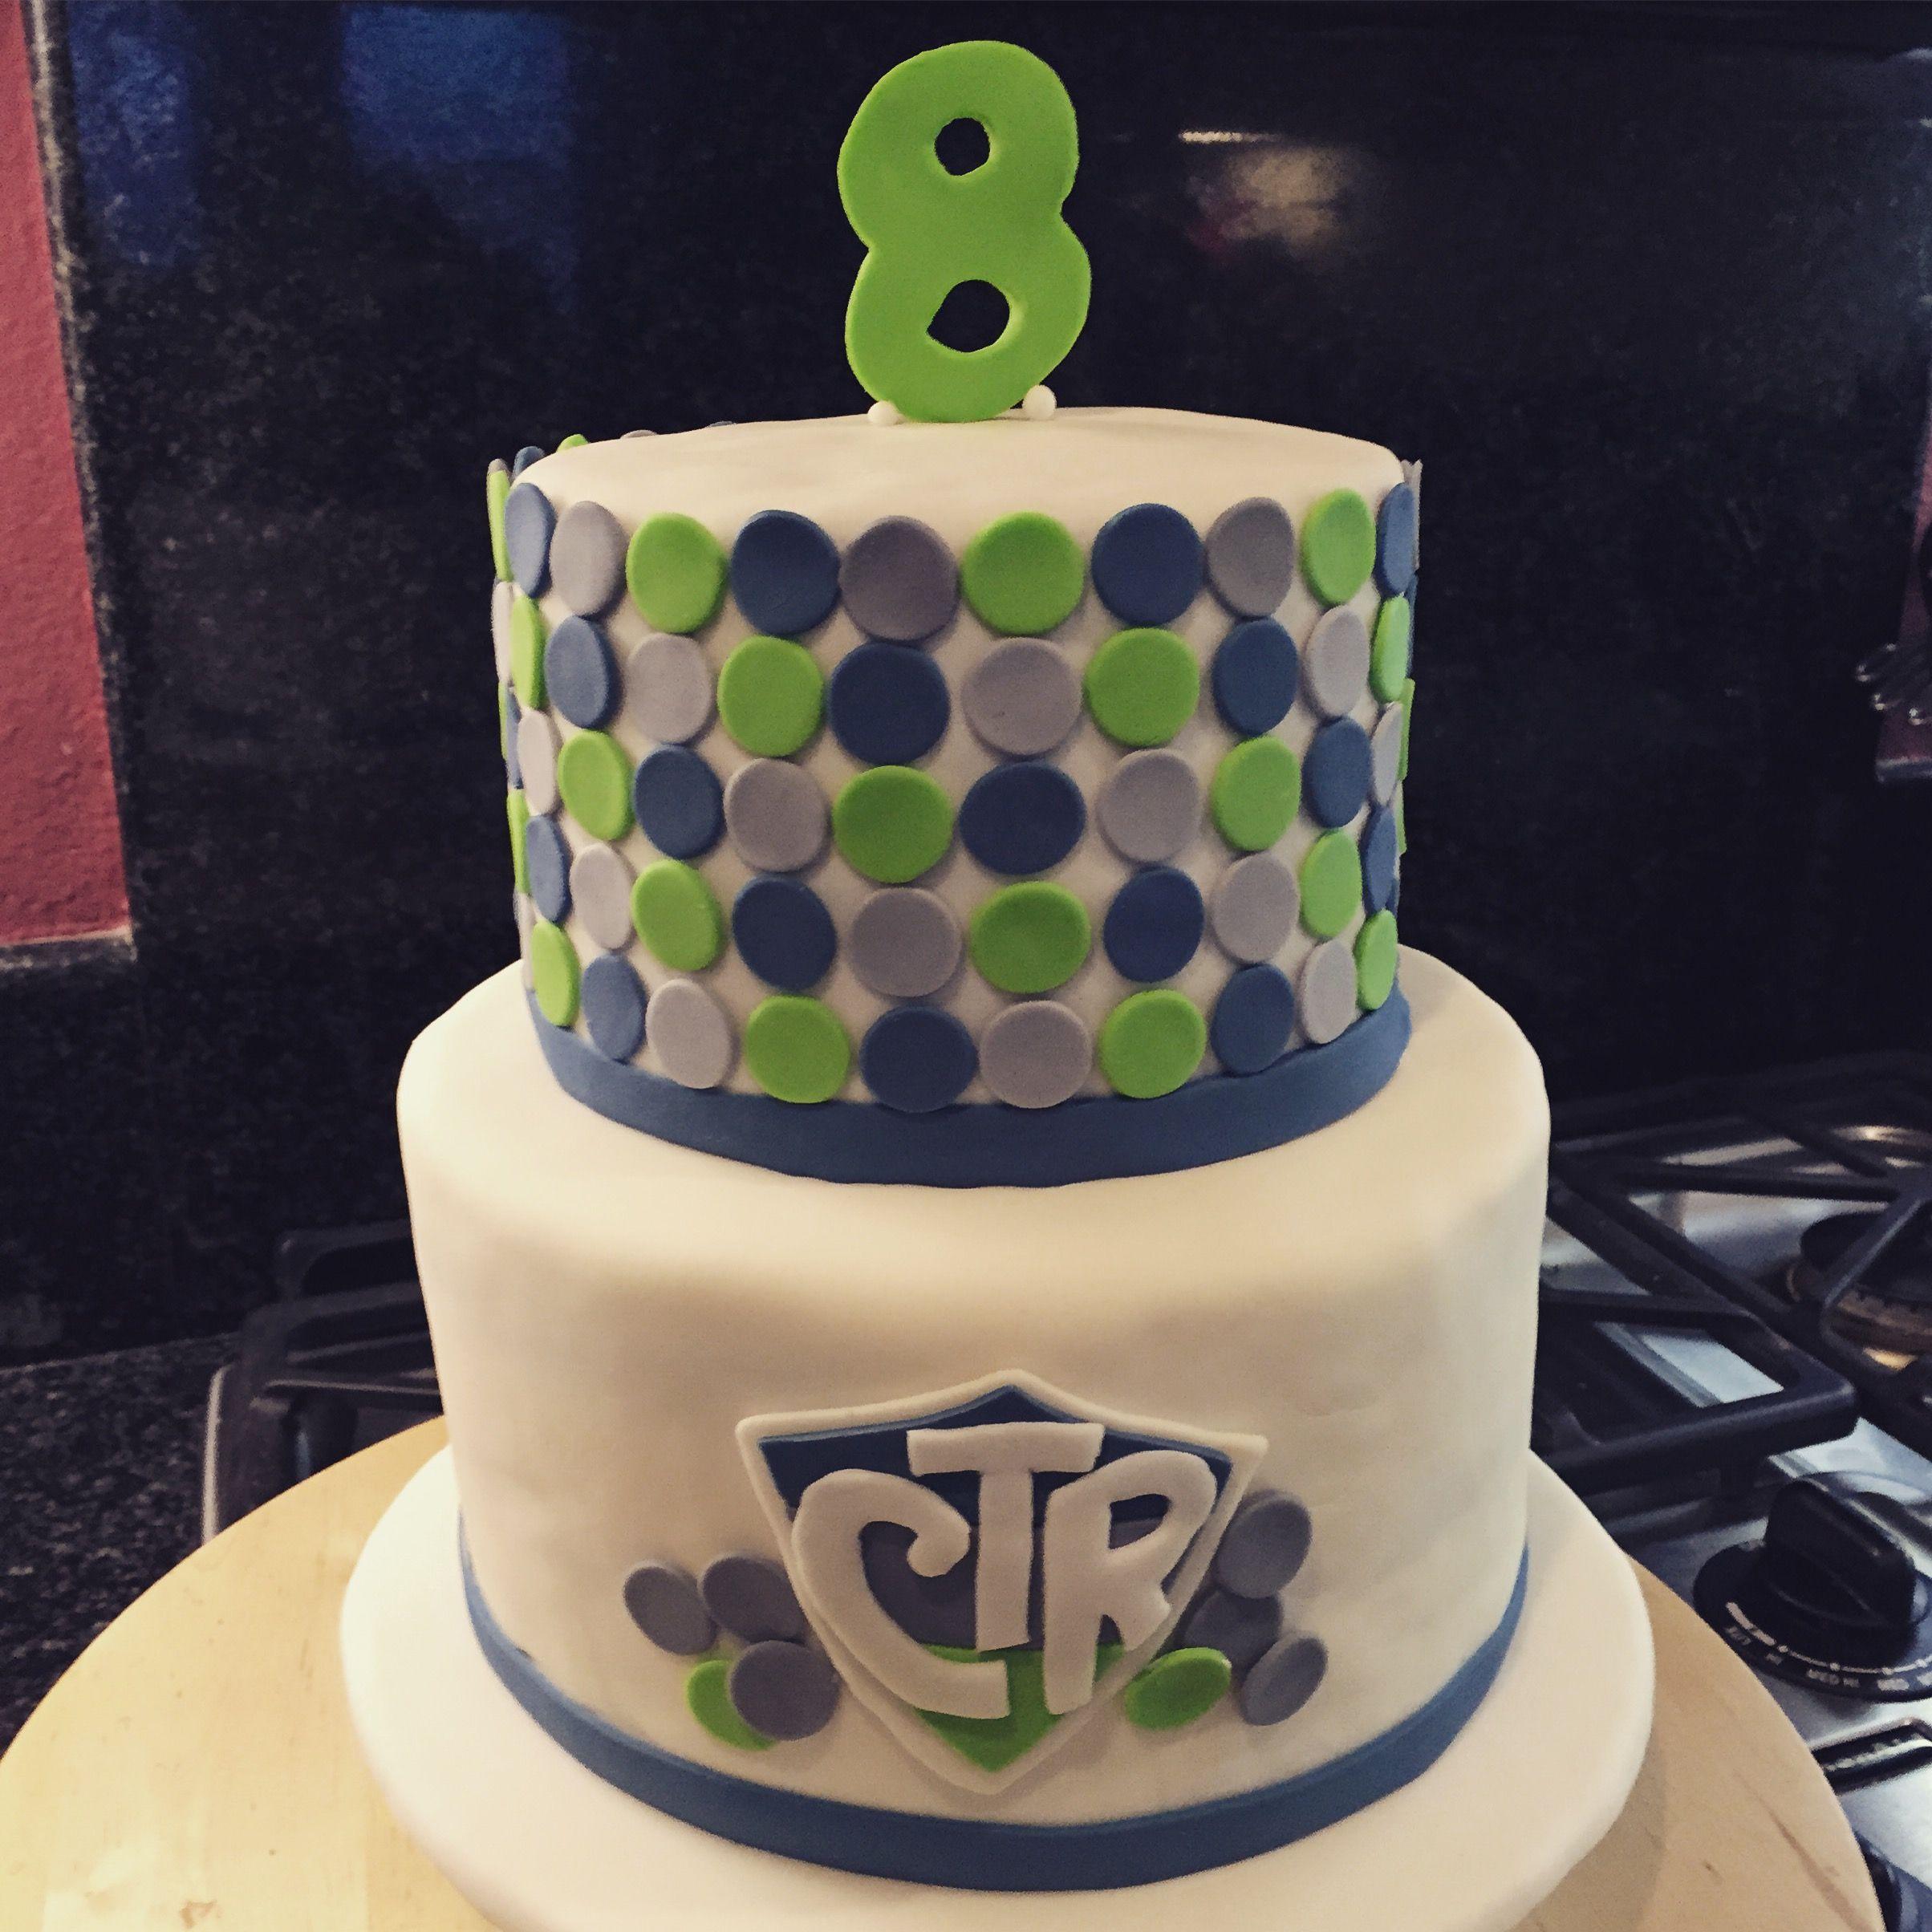 Polka Dot CTR cake for LDS baptism | Baptism Cakes | Pinterest